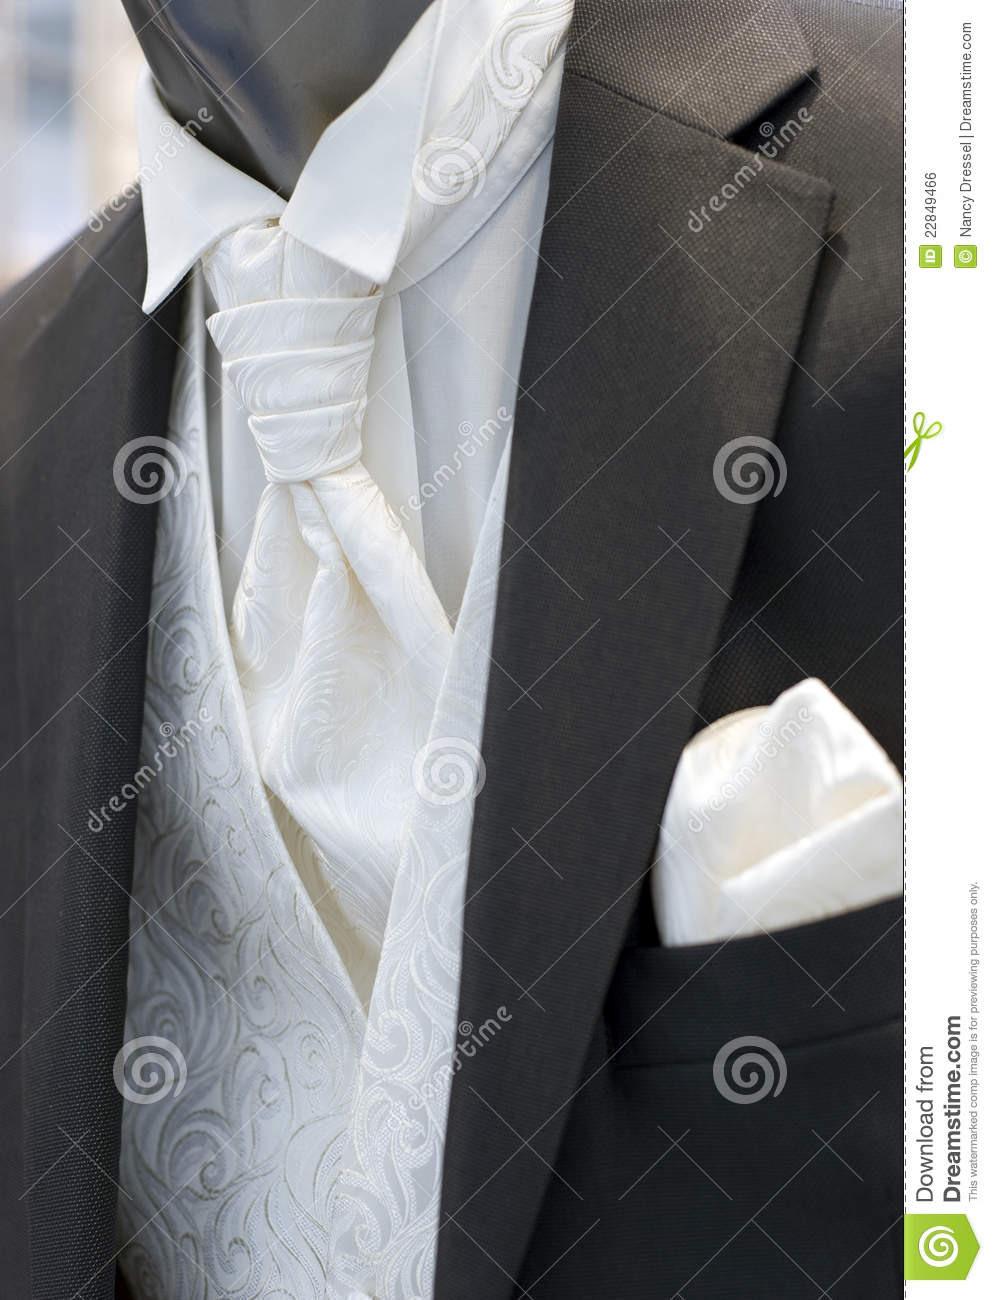 Schöne Moderne Hochzeitskleidung Für Mann Stockfoto - Bild